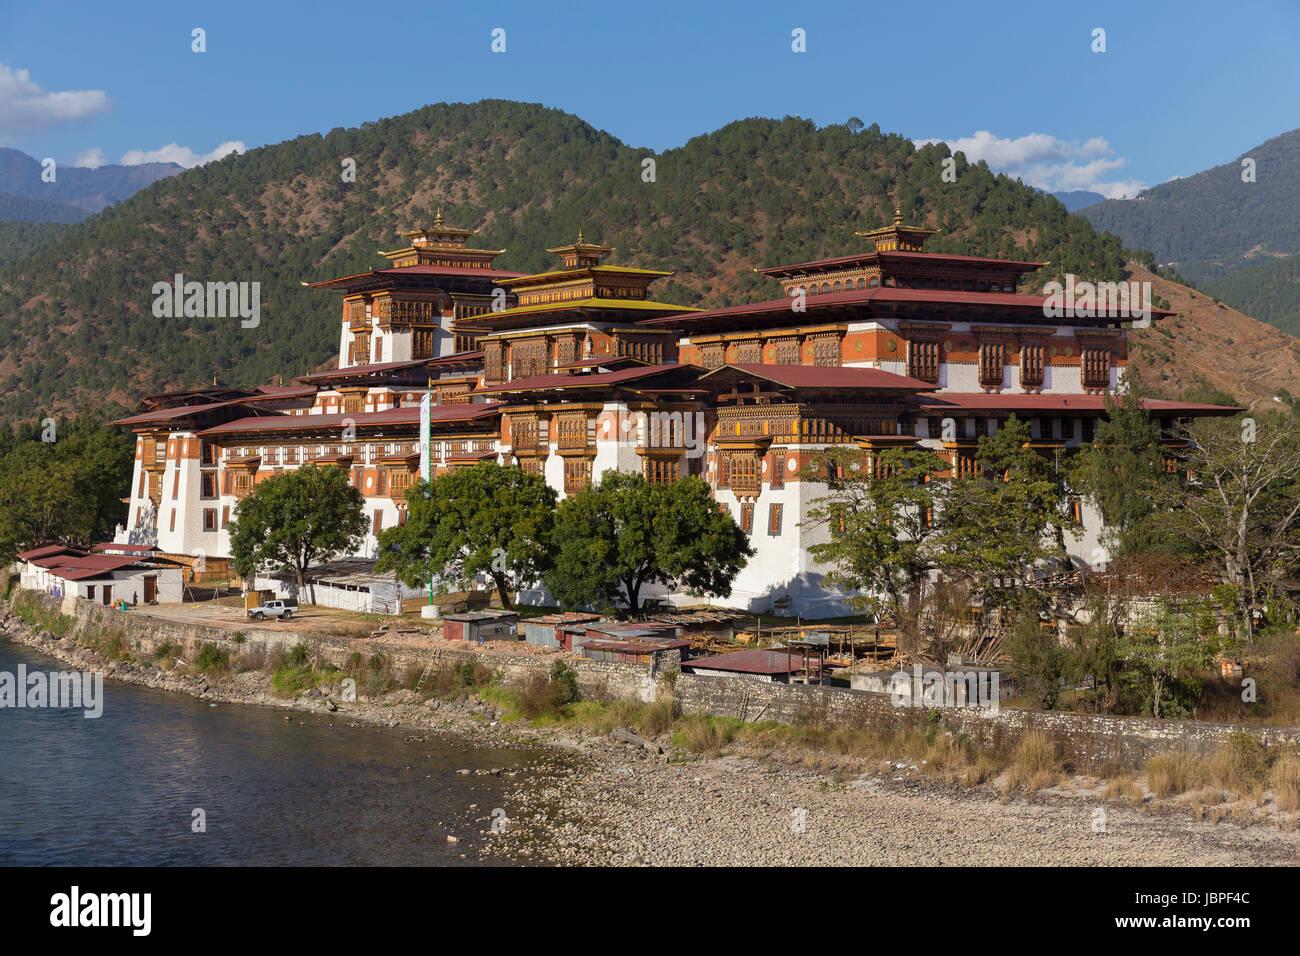 Punakha Dzong (Palace of Great Happiness), Bhutan - Stock Image